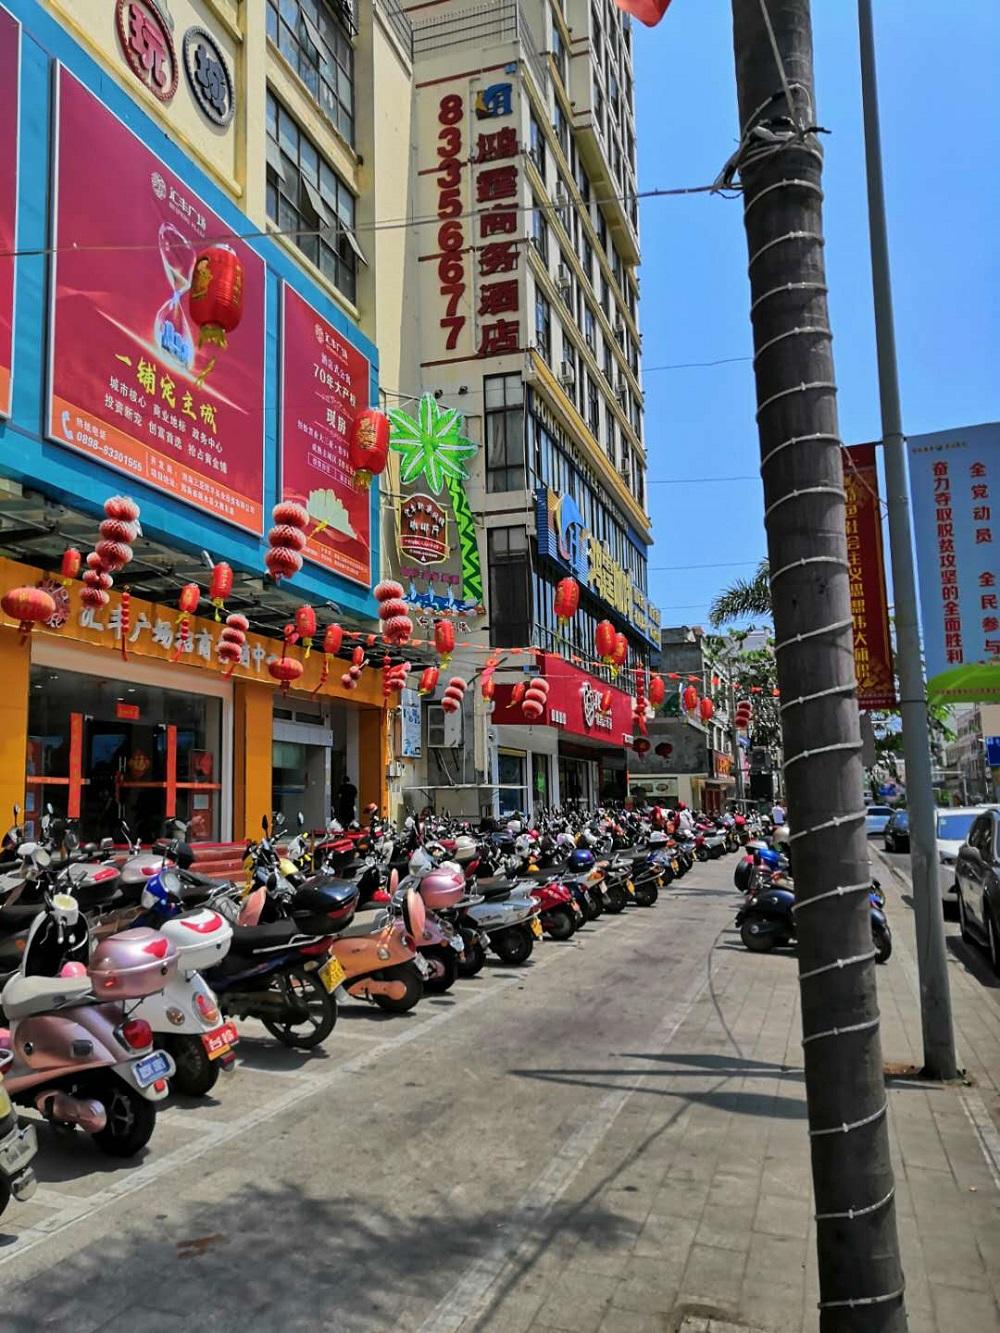 http://yuefangwangimg.oss-cn-hangzhou.aliyuncs.com/uploads/20200909/88067ee5d626e38c68fdd022a303297fMax.jpg